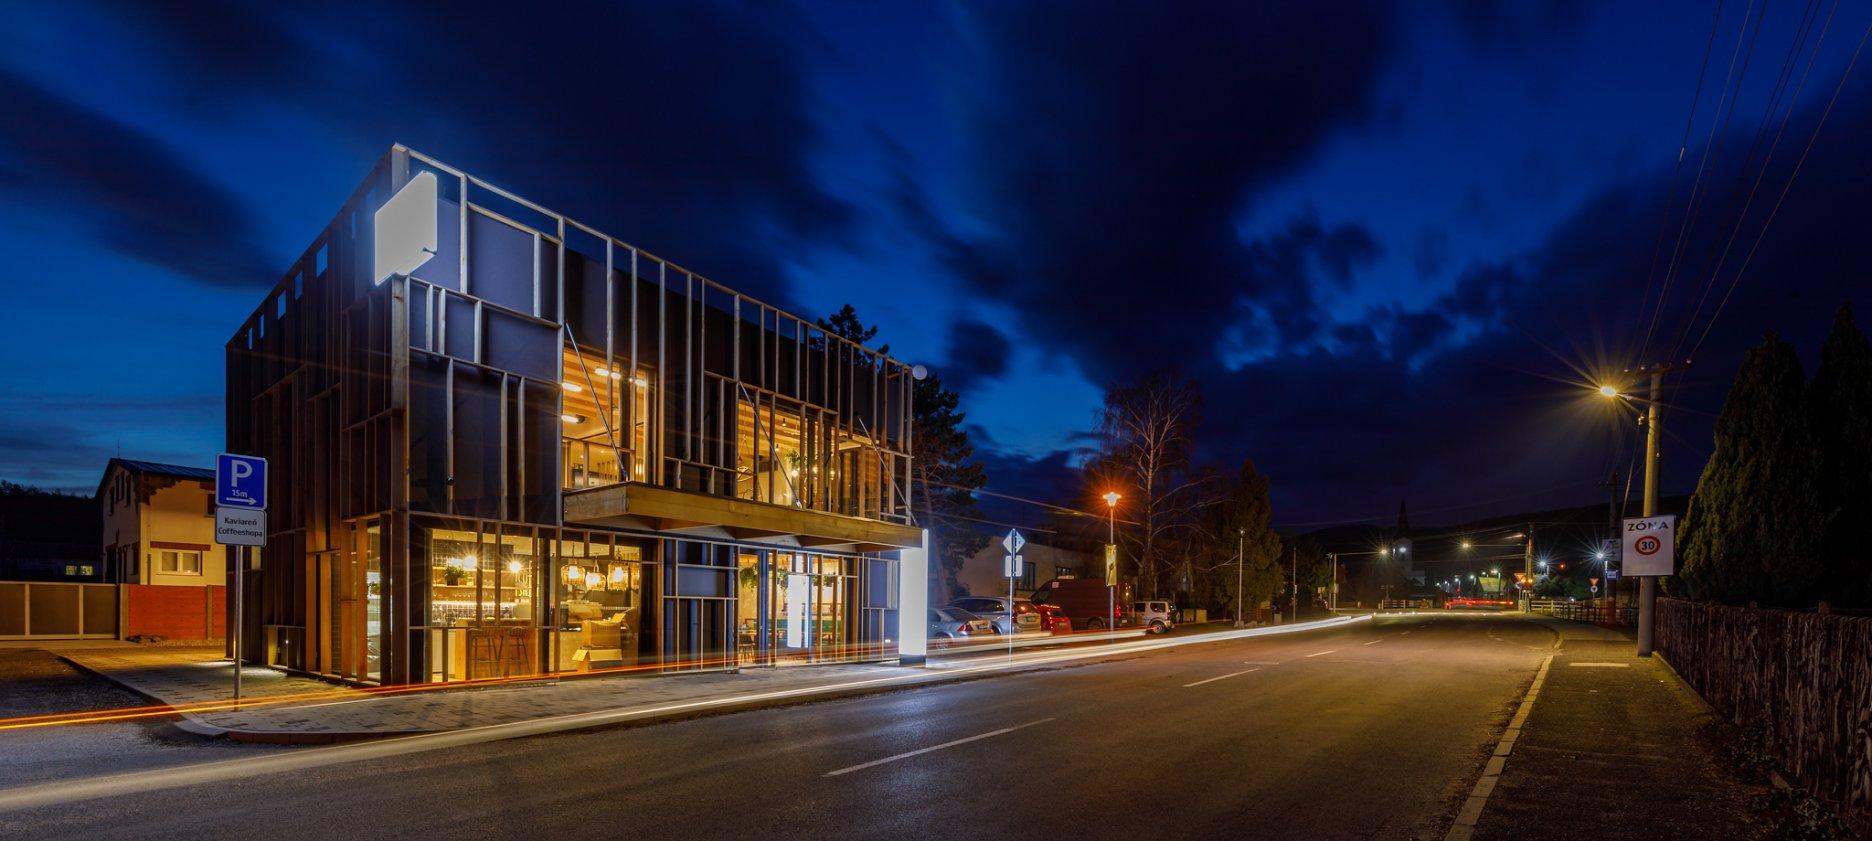 Pohľad na nočnú kaviareň